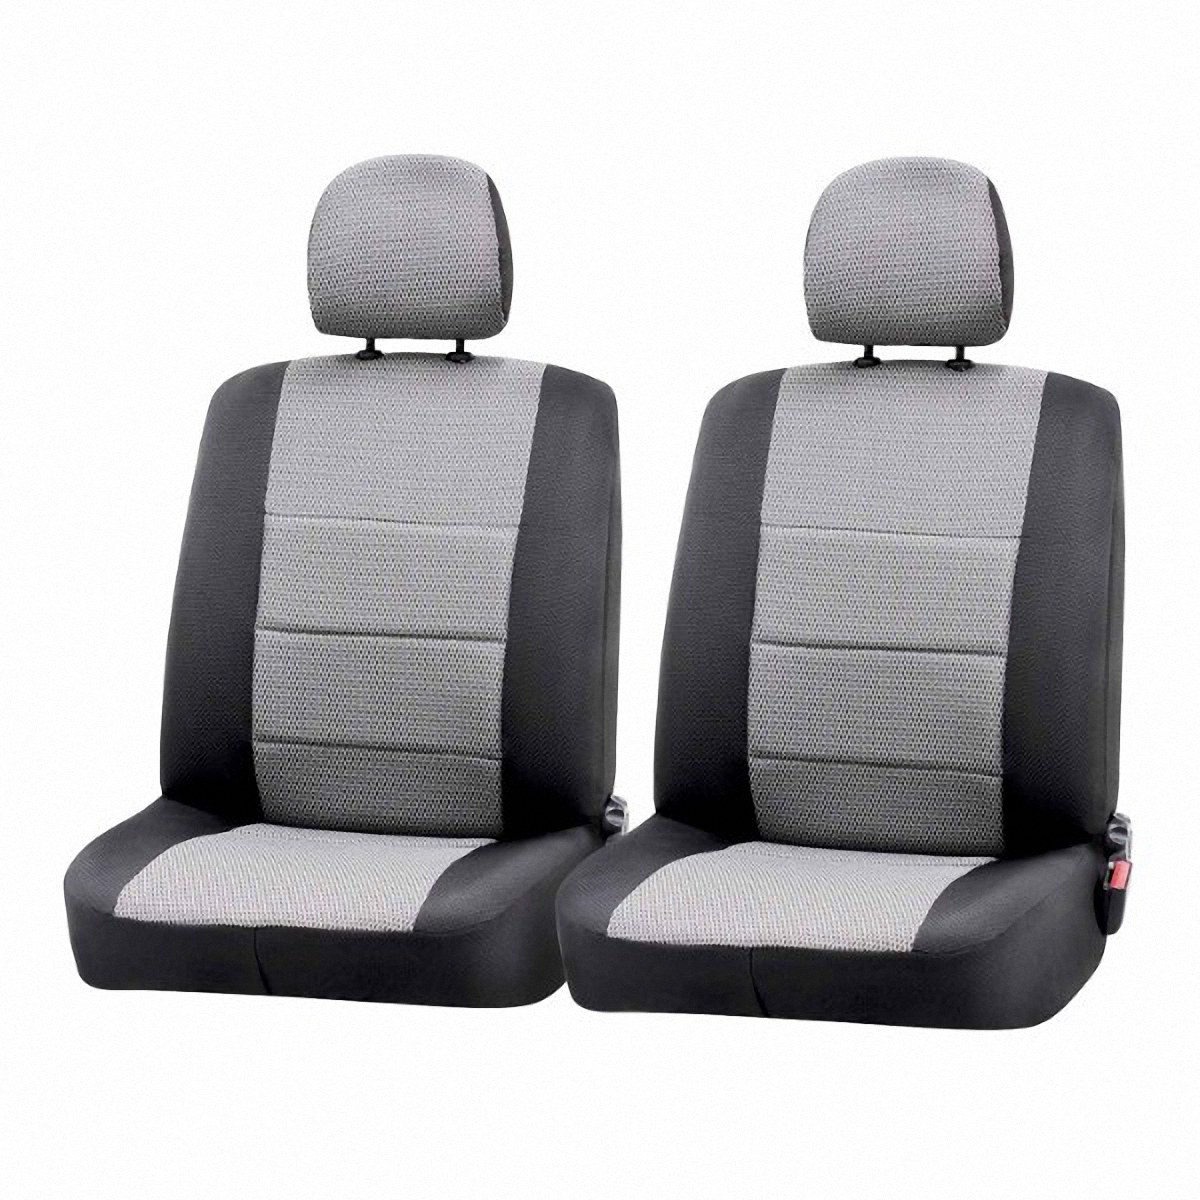 Чехол на сиденье Skyway Renault Logan (седан). Rn4-1 чехол на сиденье skyway toyota corolla седан ty1 2k